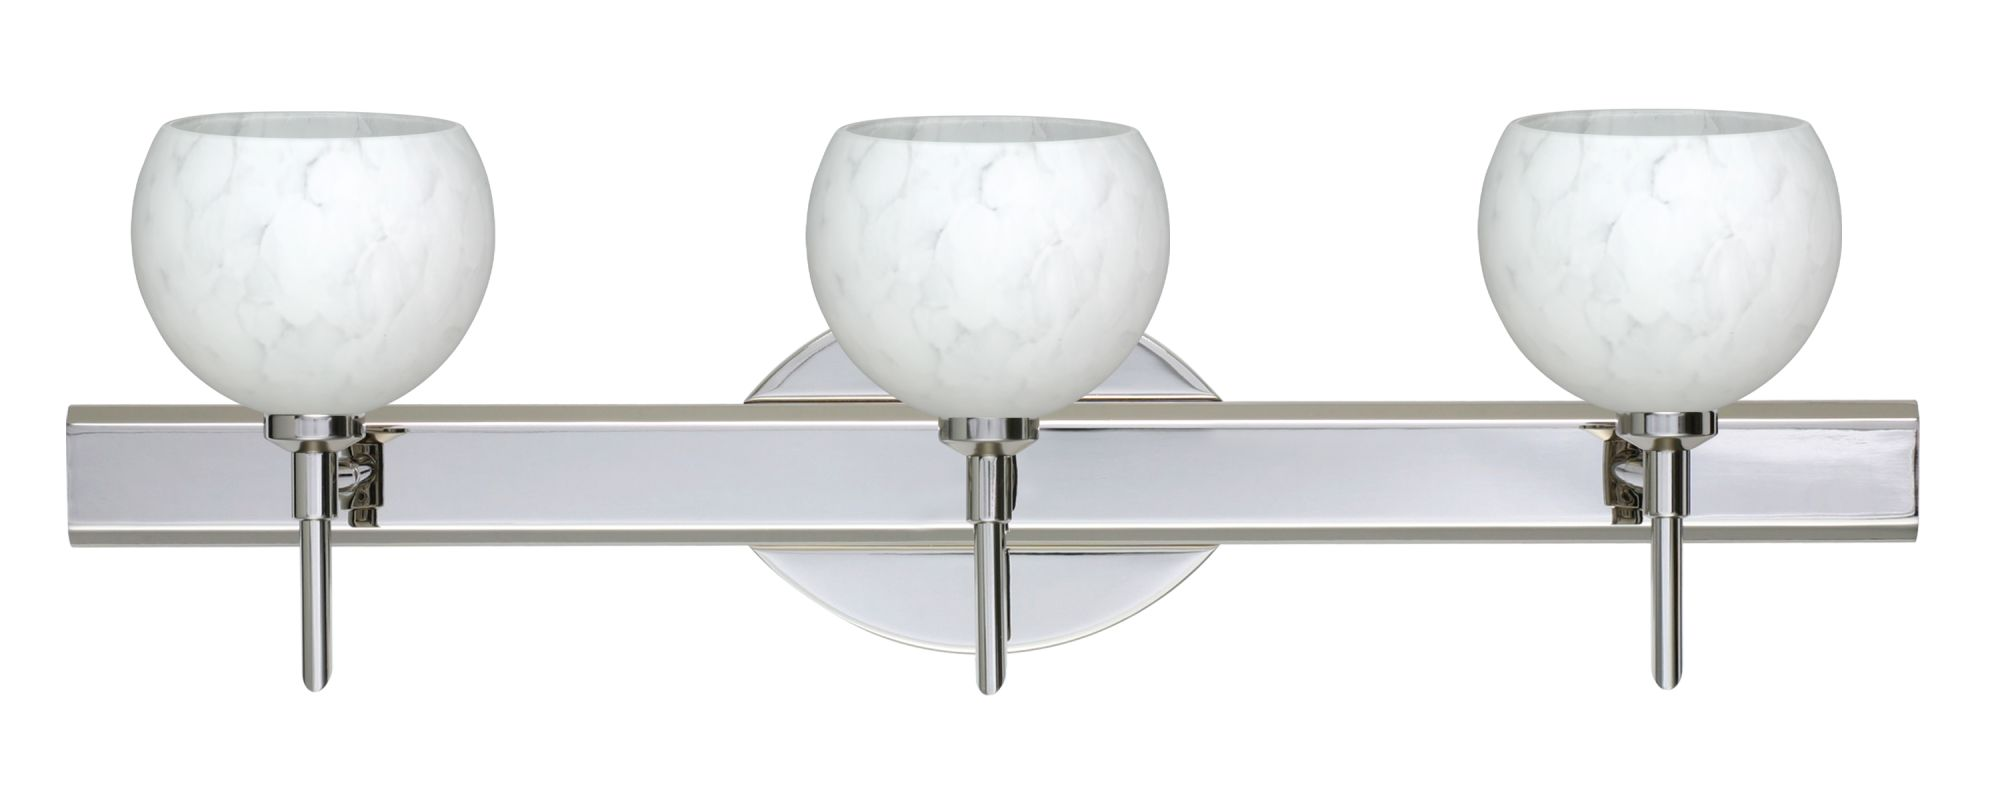 Besa Lighting 3SW-565819 Palla 3 Light Reversible Halogen Bathroom